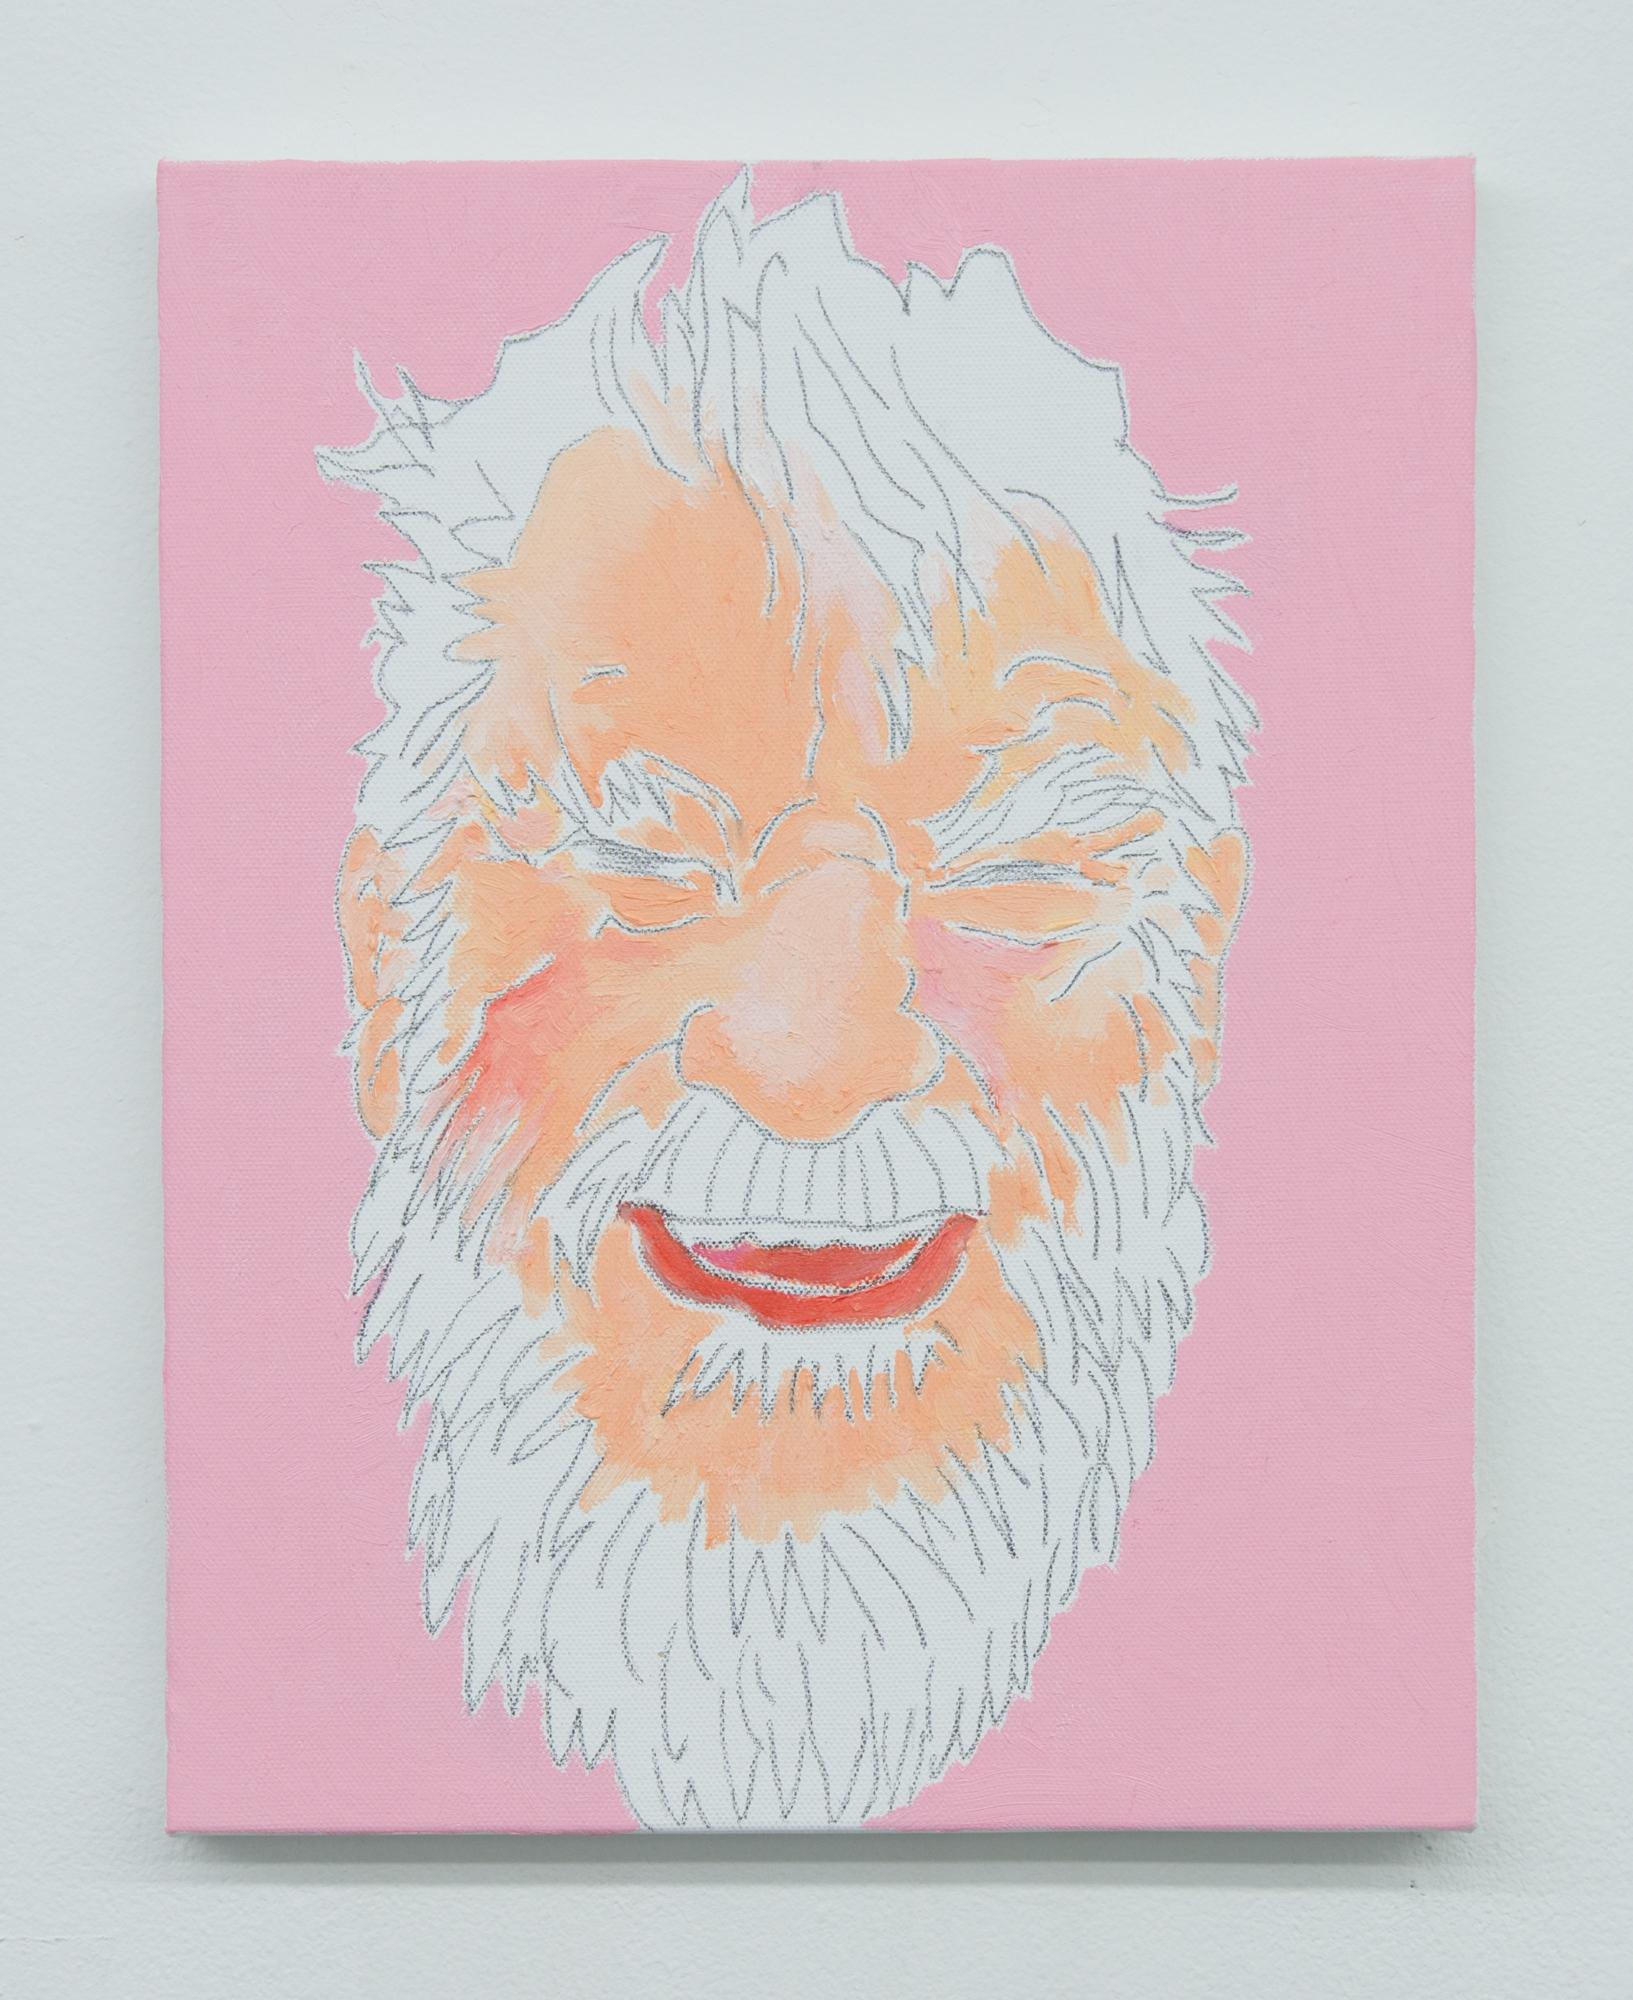 Mieko Meguro, Dan , 2017, oil and graphite on canvas, 14 x11 in